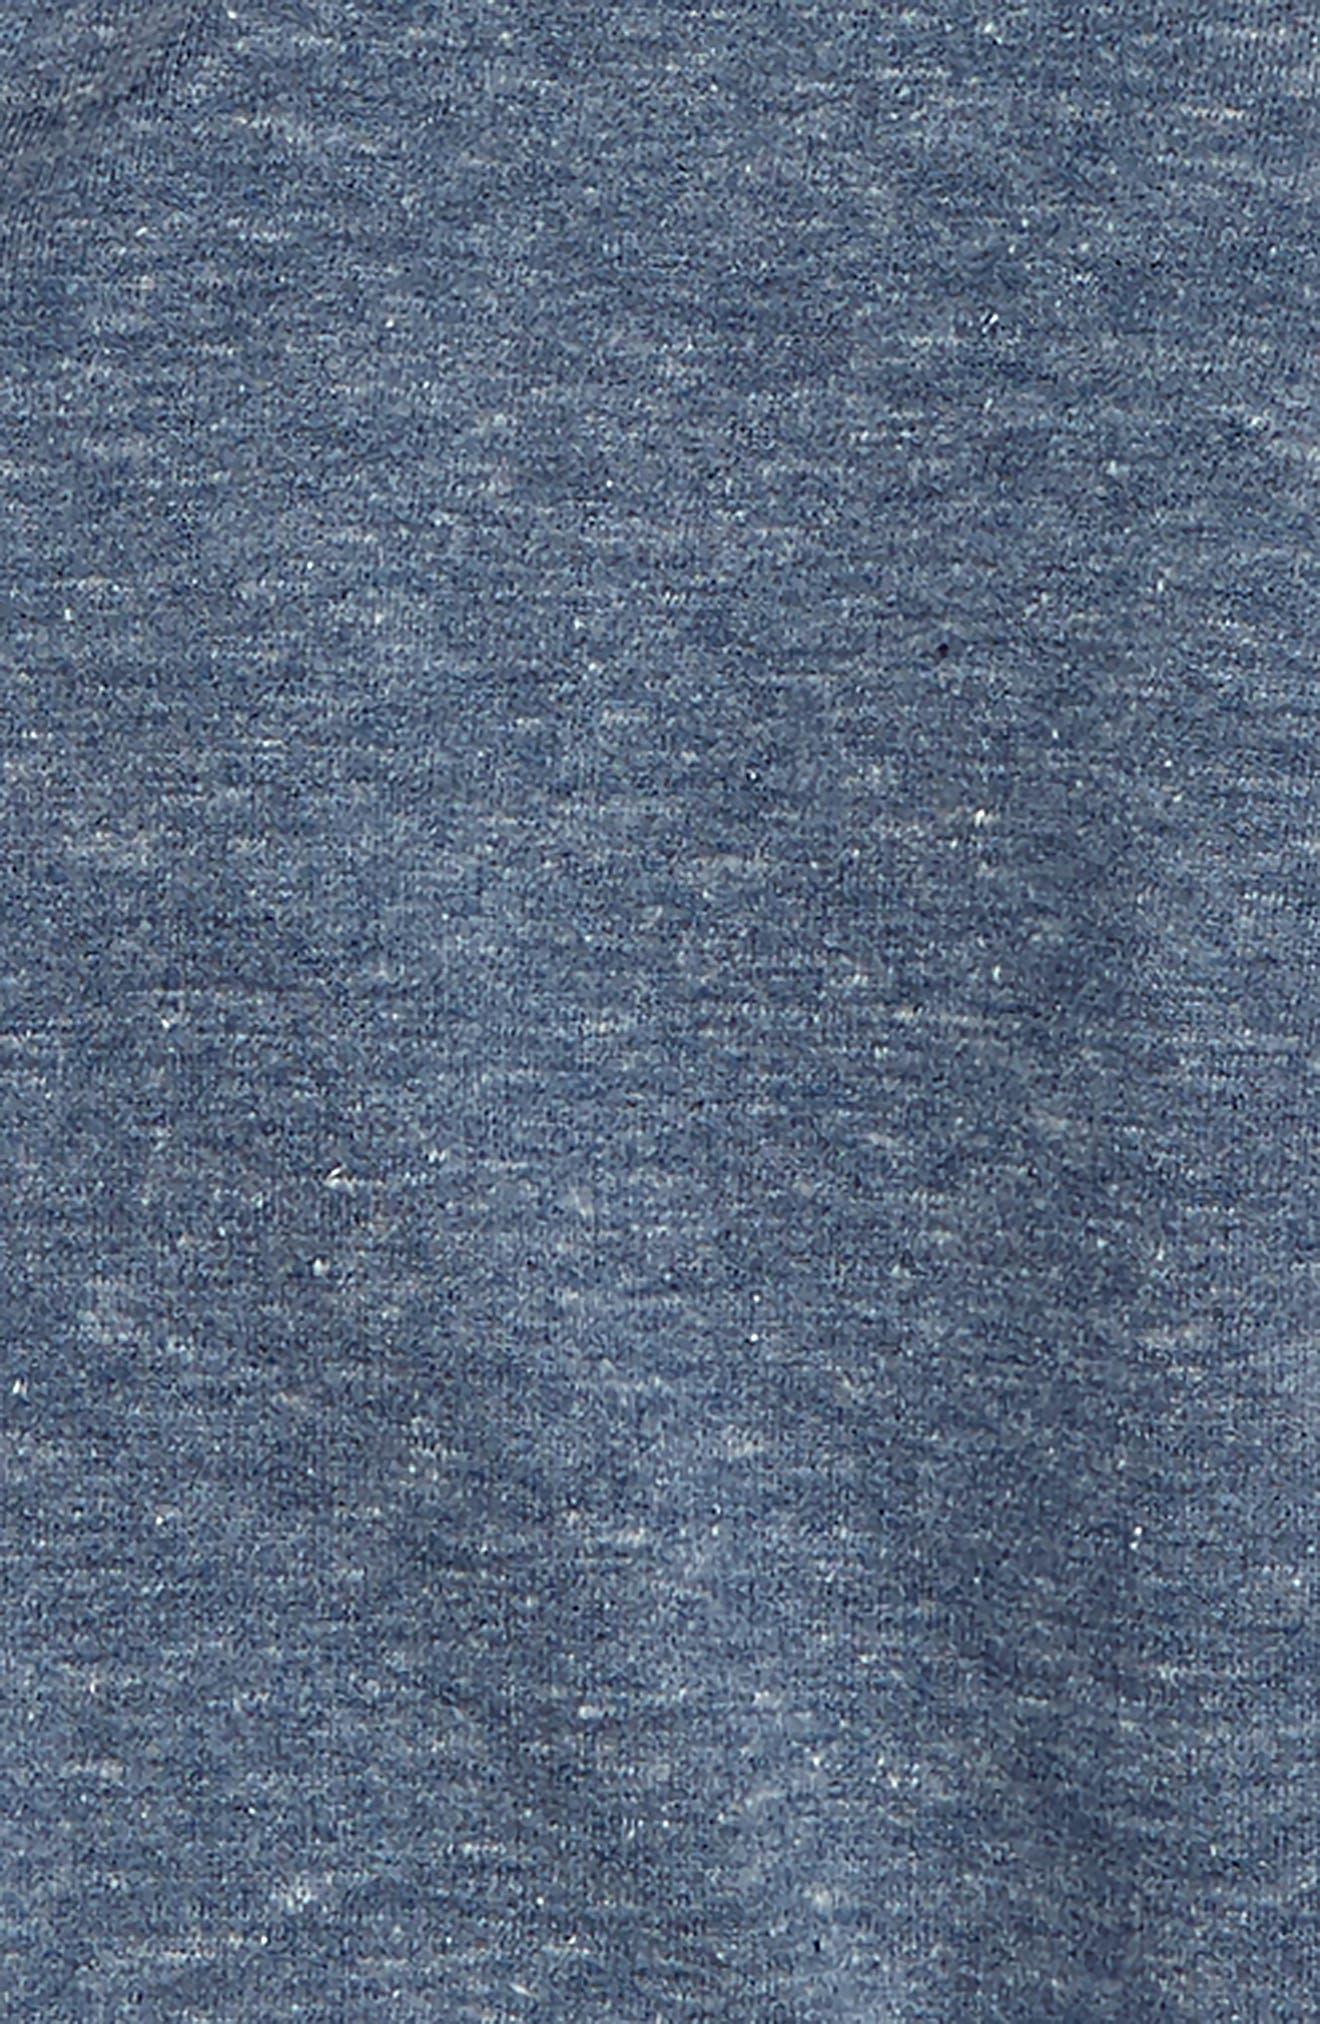 Colorblock Zip Crew Sweatshirt,                             Alternate thumbnail 2, color,                             NAVY DENIM